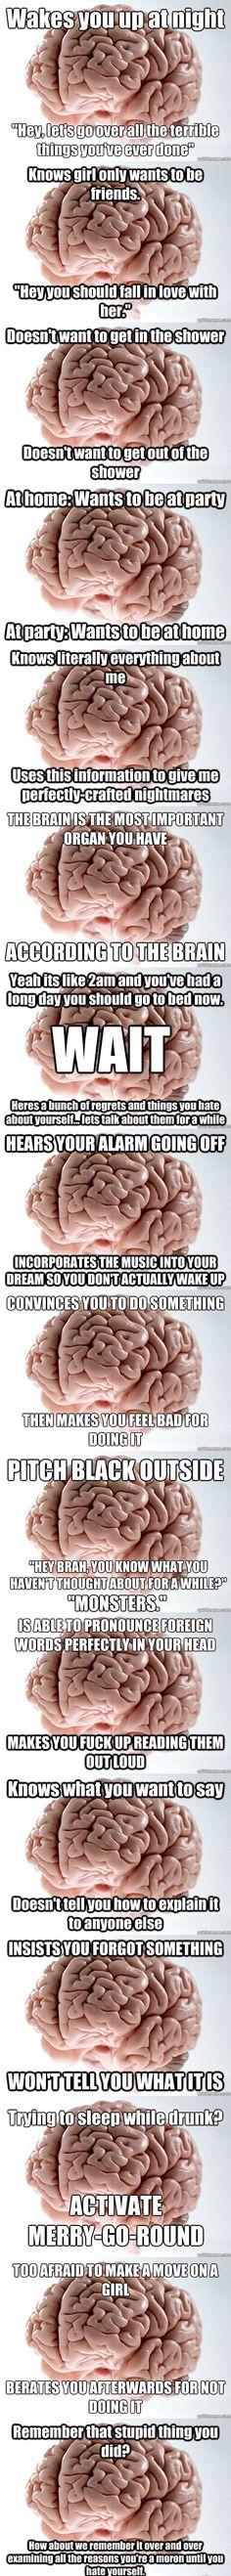 Evil brain! HAHAHAHA!